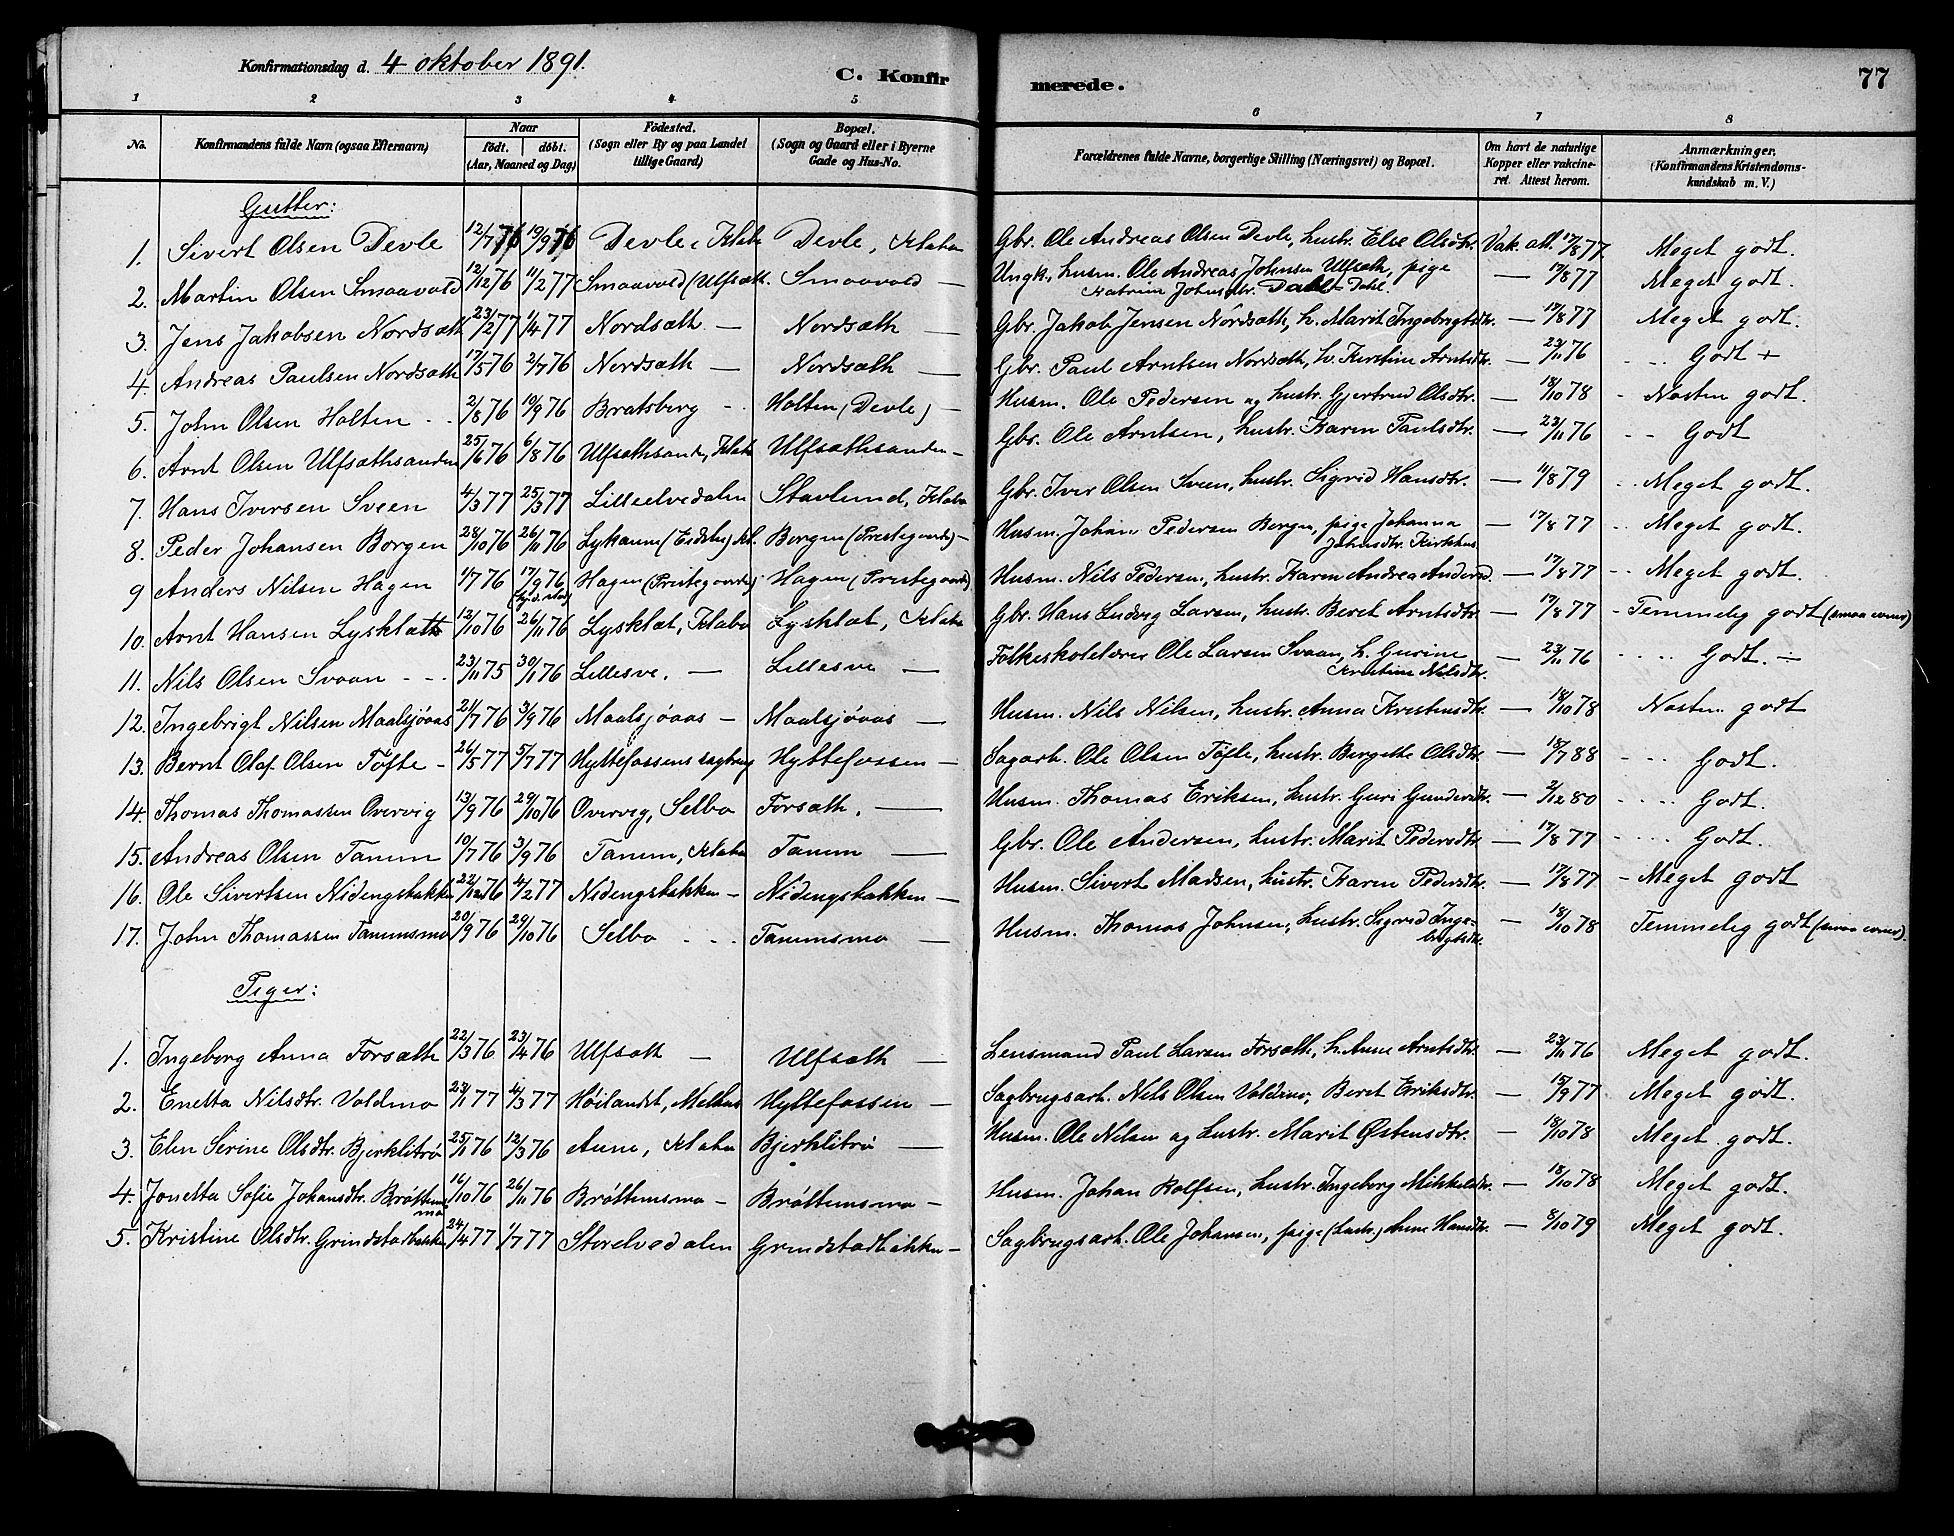 SAT, Ministerialprotokoller, klokkerbøker og fødselsregistre - Sør-Trøndelag, 618/L0444: Ministerialbok nr. 618A07, 1880-1898, s. 77